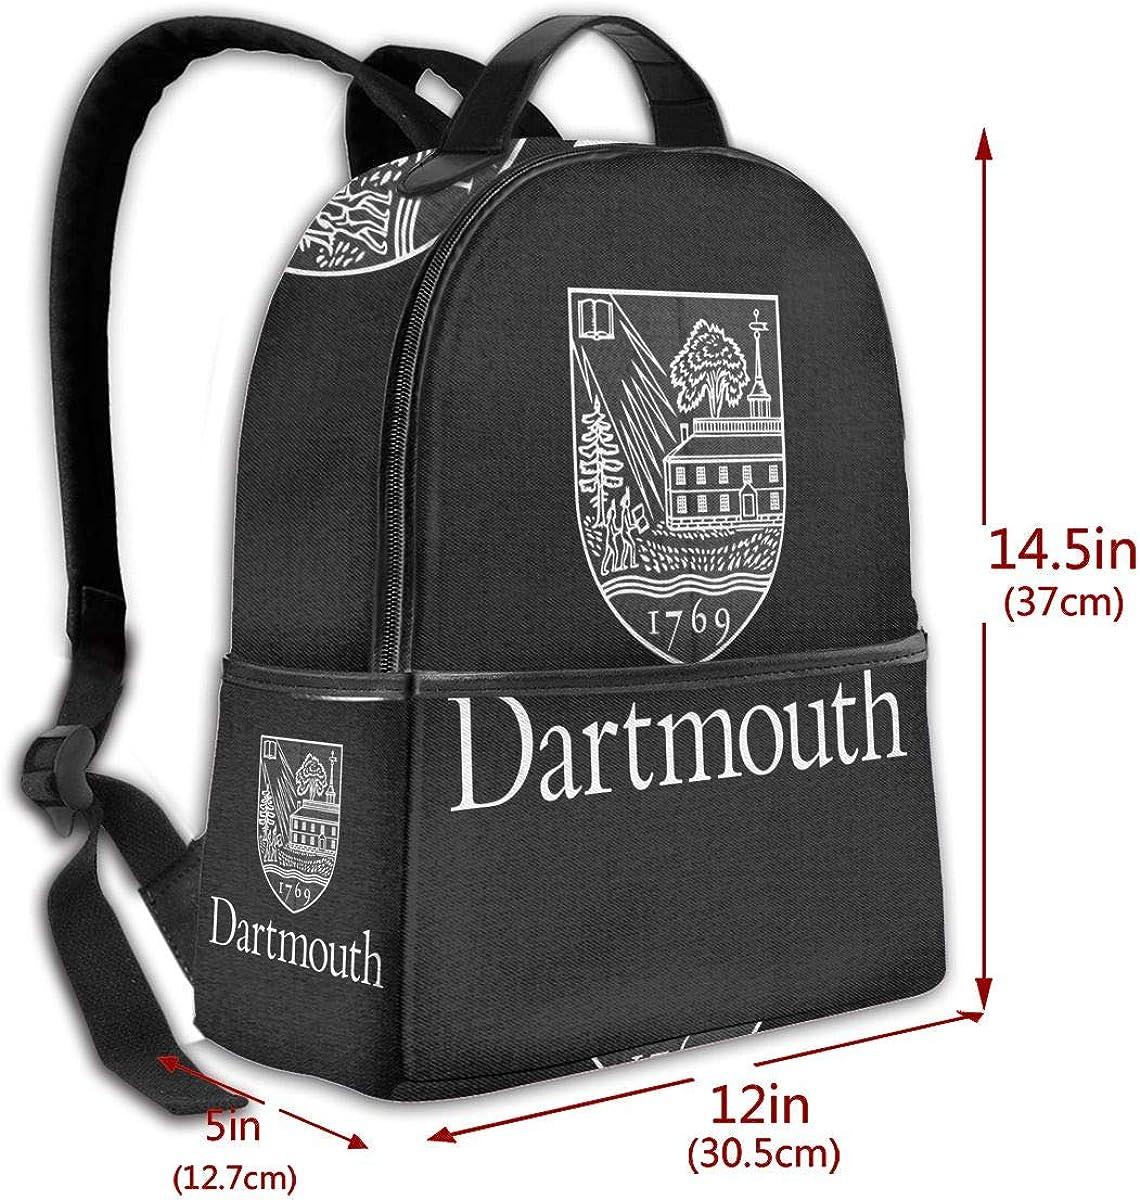 N//C Backpack Travel Dartmouth College School Bags Shoulder Laptop Backpack Men Ladies Girls Schoolbags